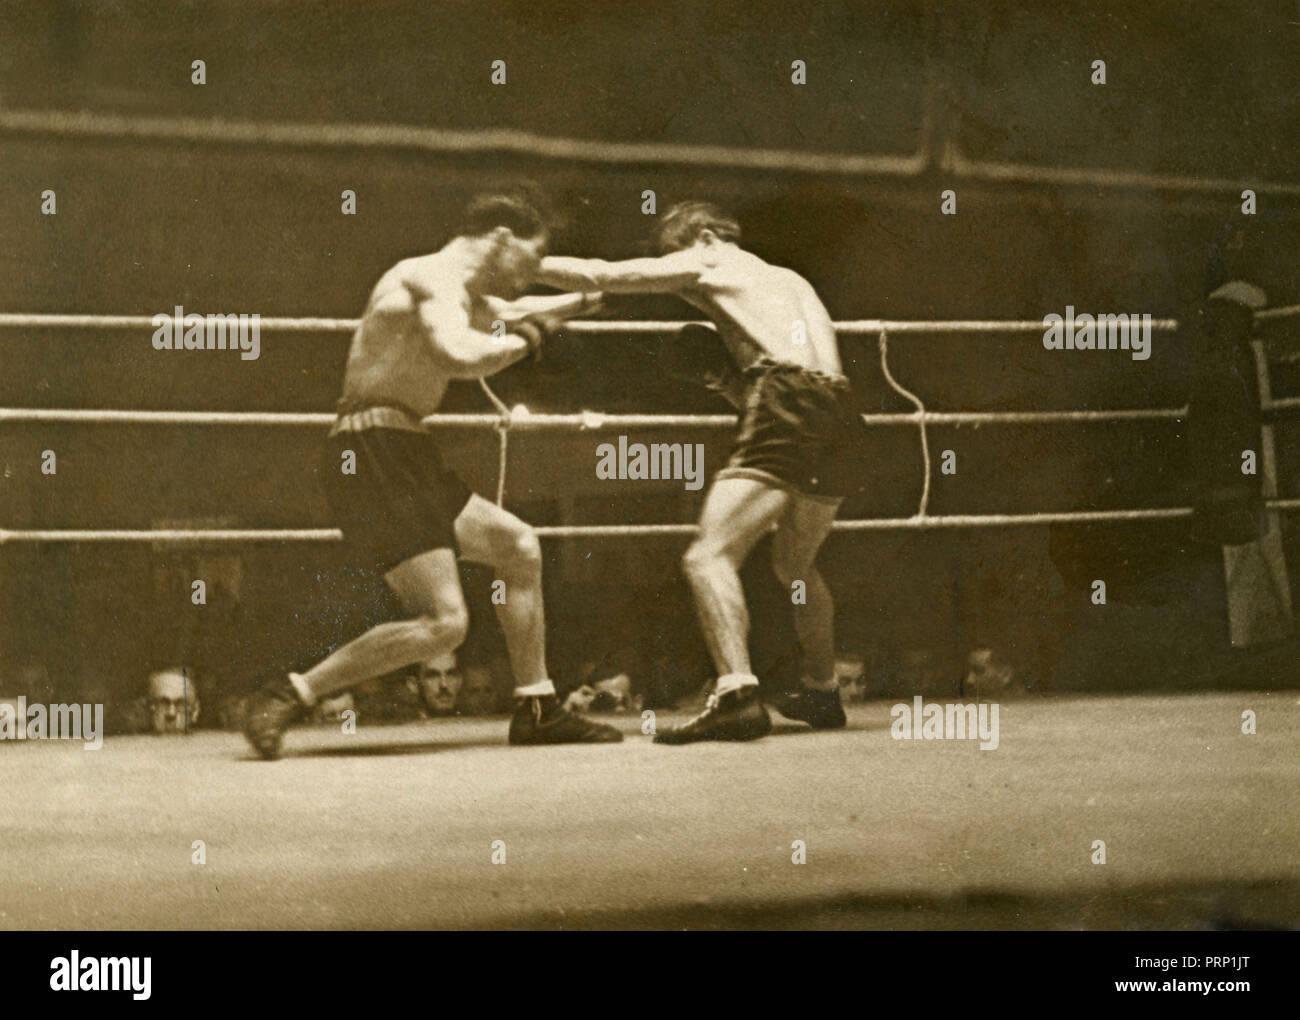 Combate de boxeo entre Gustavo Ansini y Hans Schiller, Berlín, Alemania 1937 Imagen De Stock